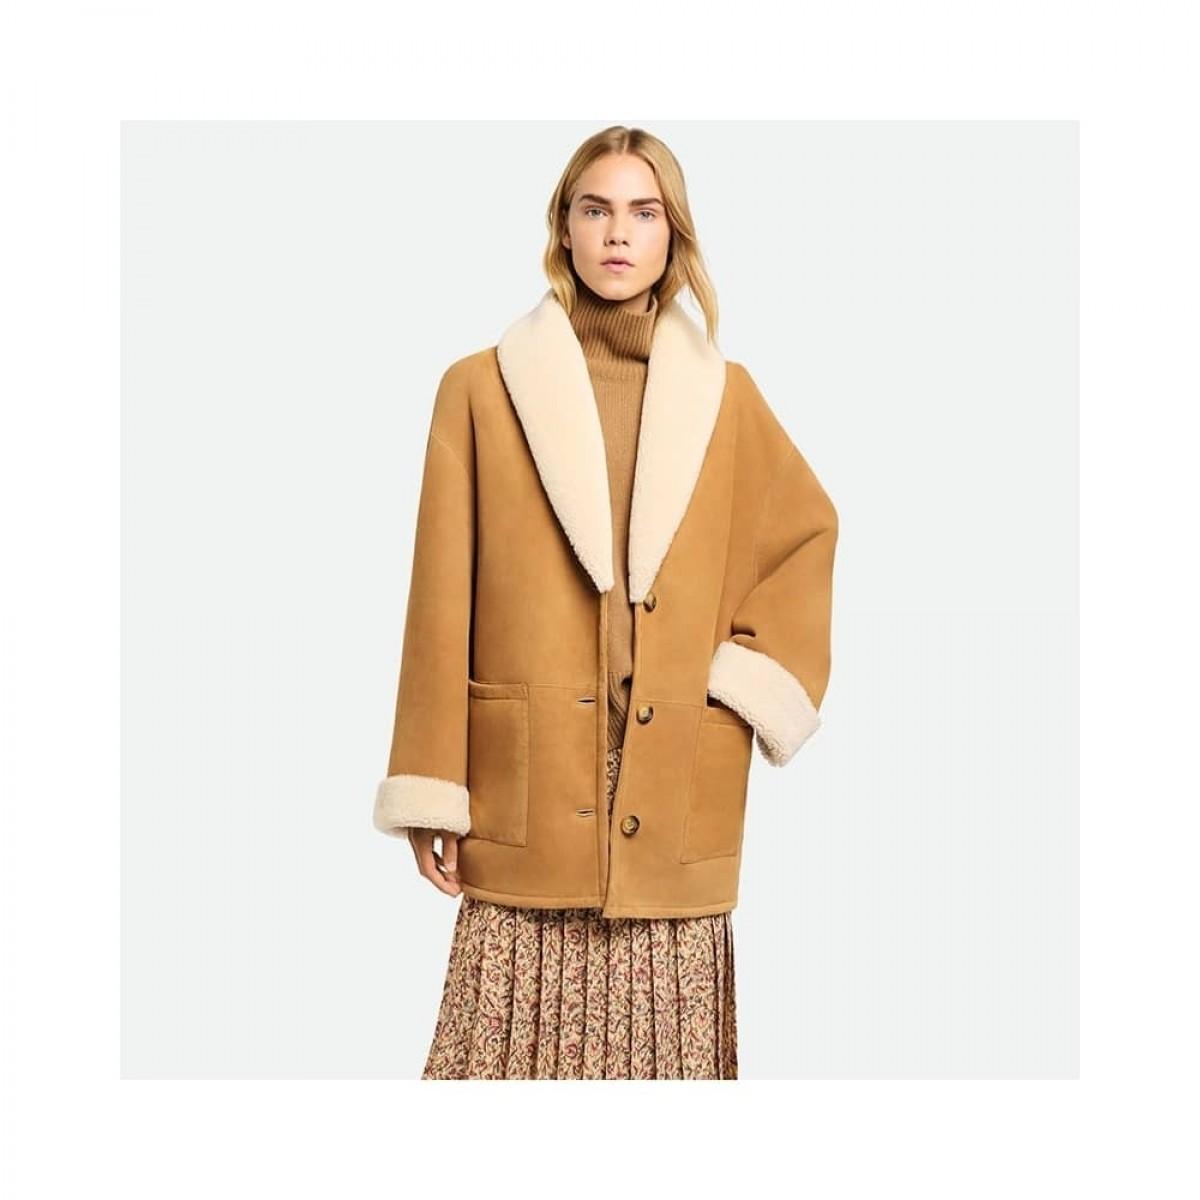 sambo jacket rulam - marron - model front